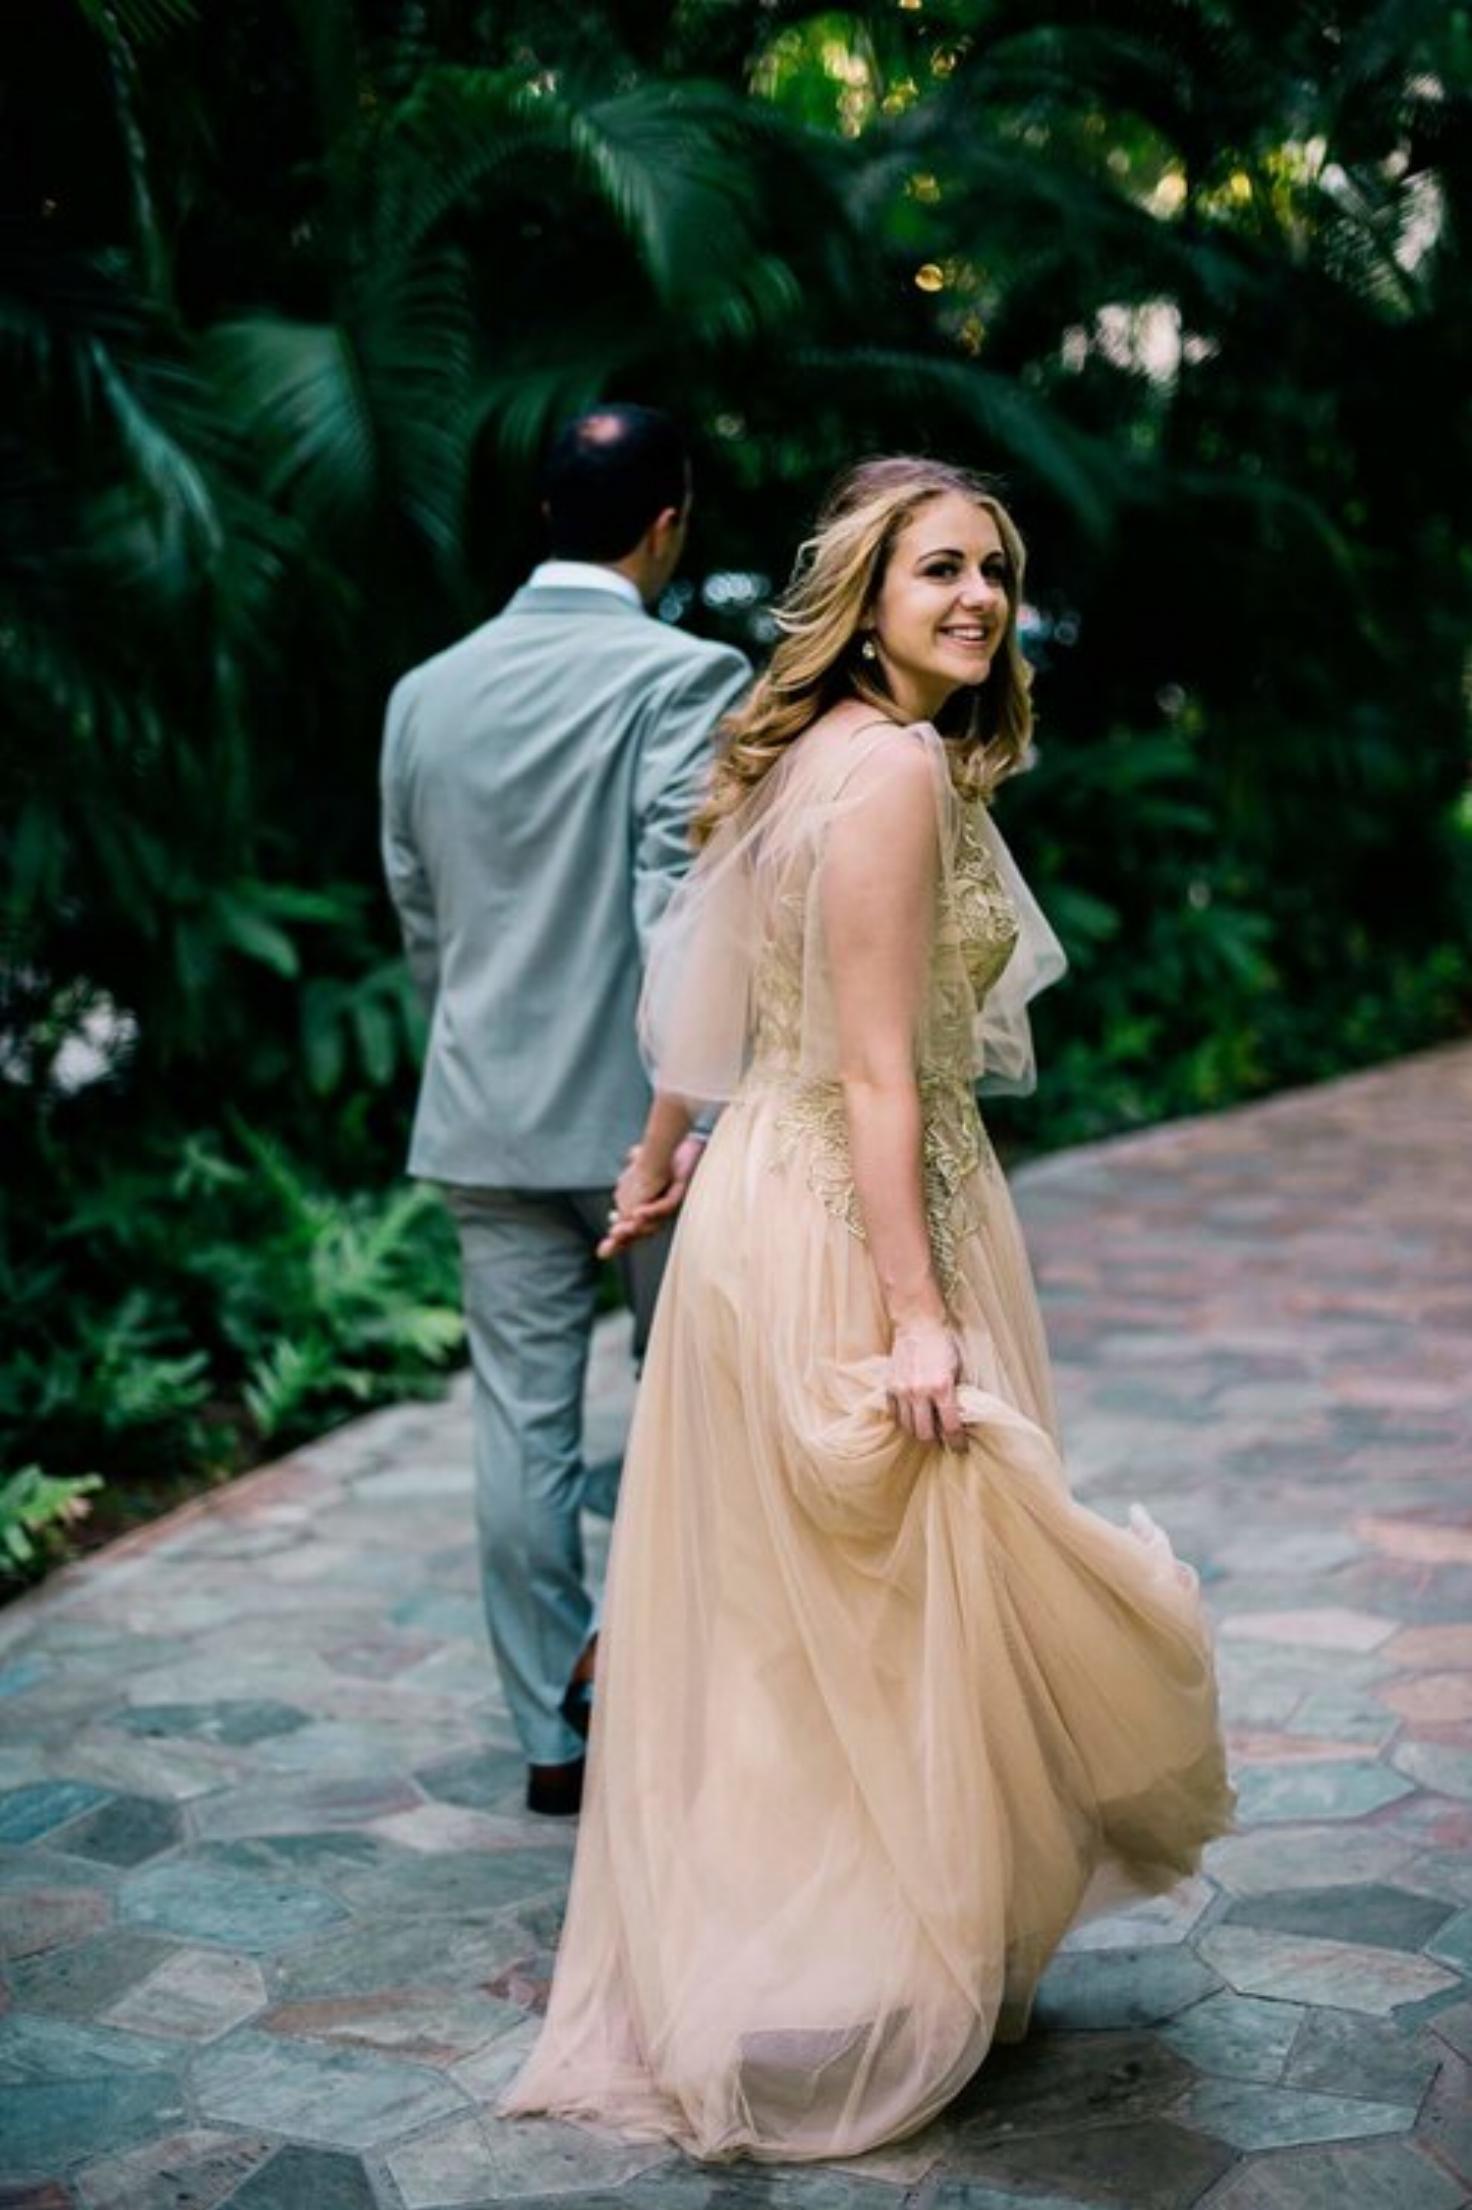 christina+wedding+3.jpg